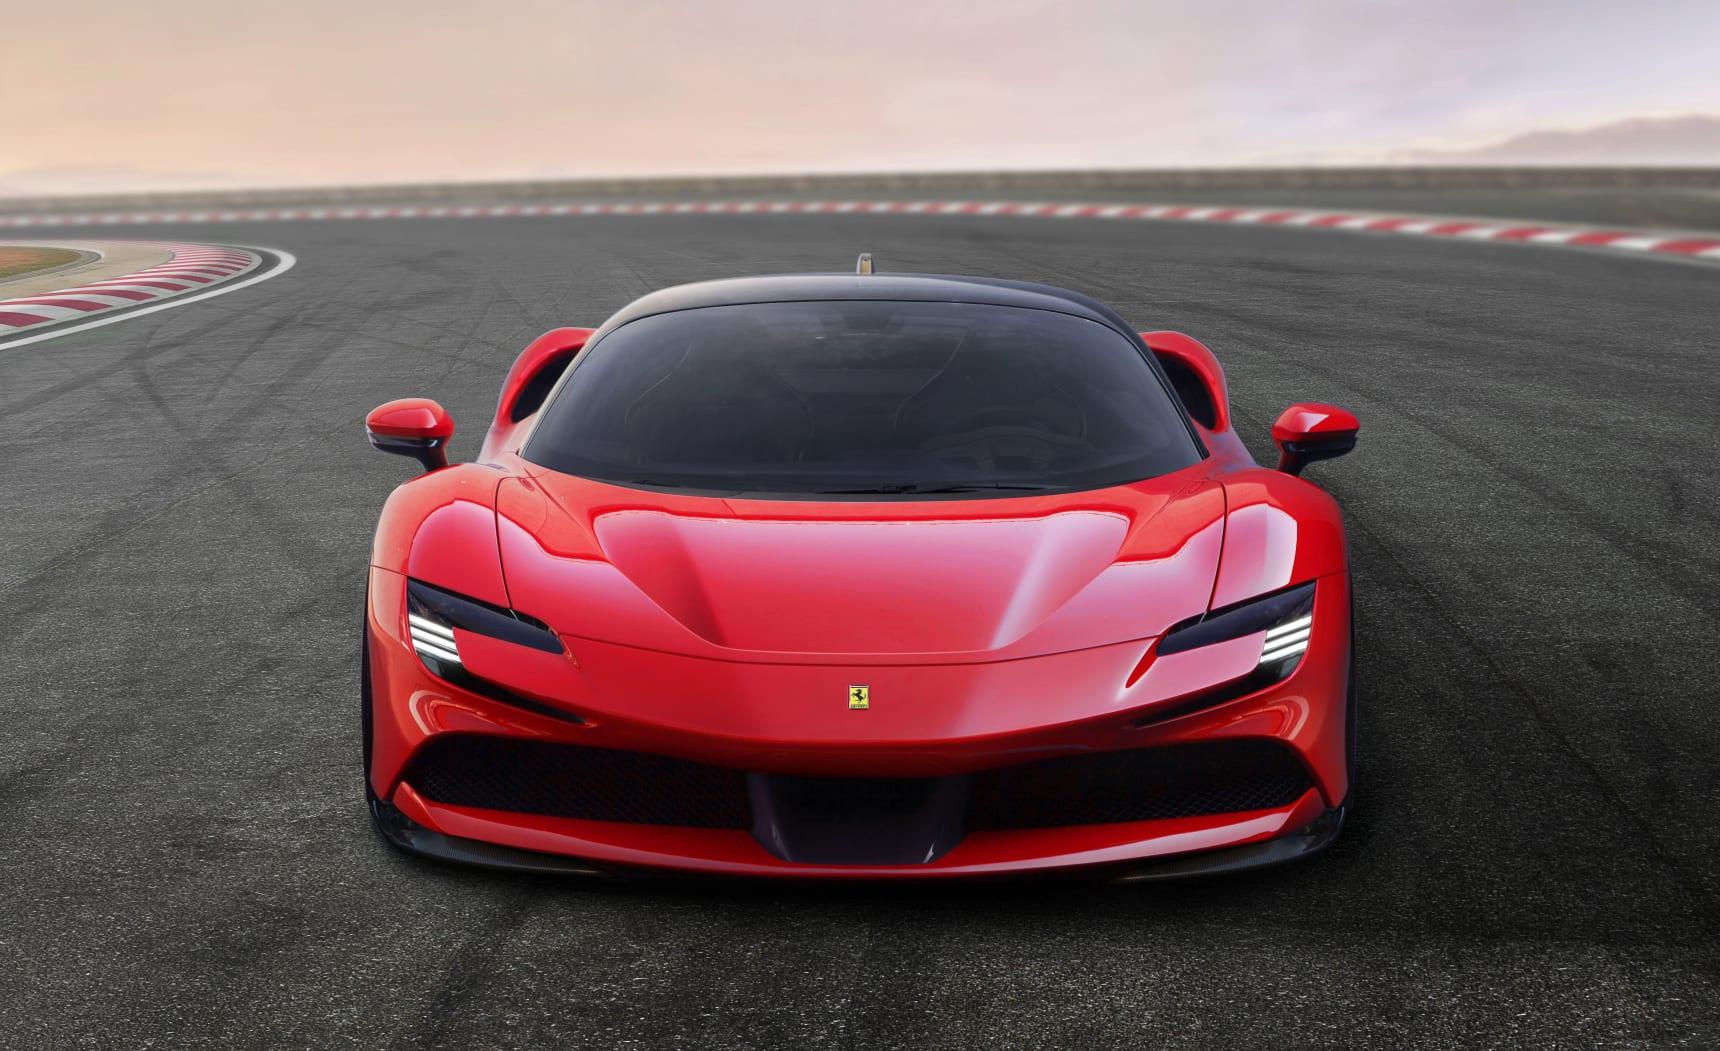 Der Ferrari SF90 Stradale: Ein Serien-Supersportwagen mit 1000 PS 2